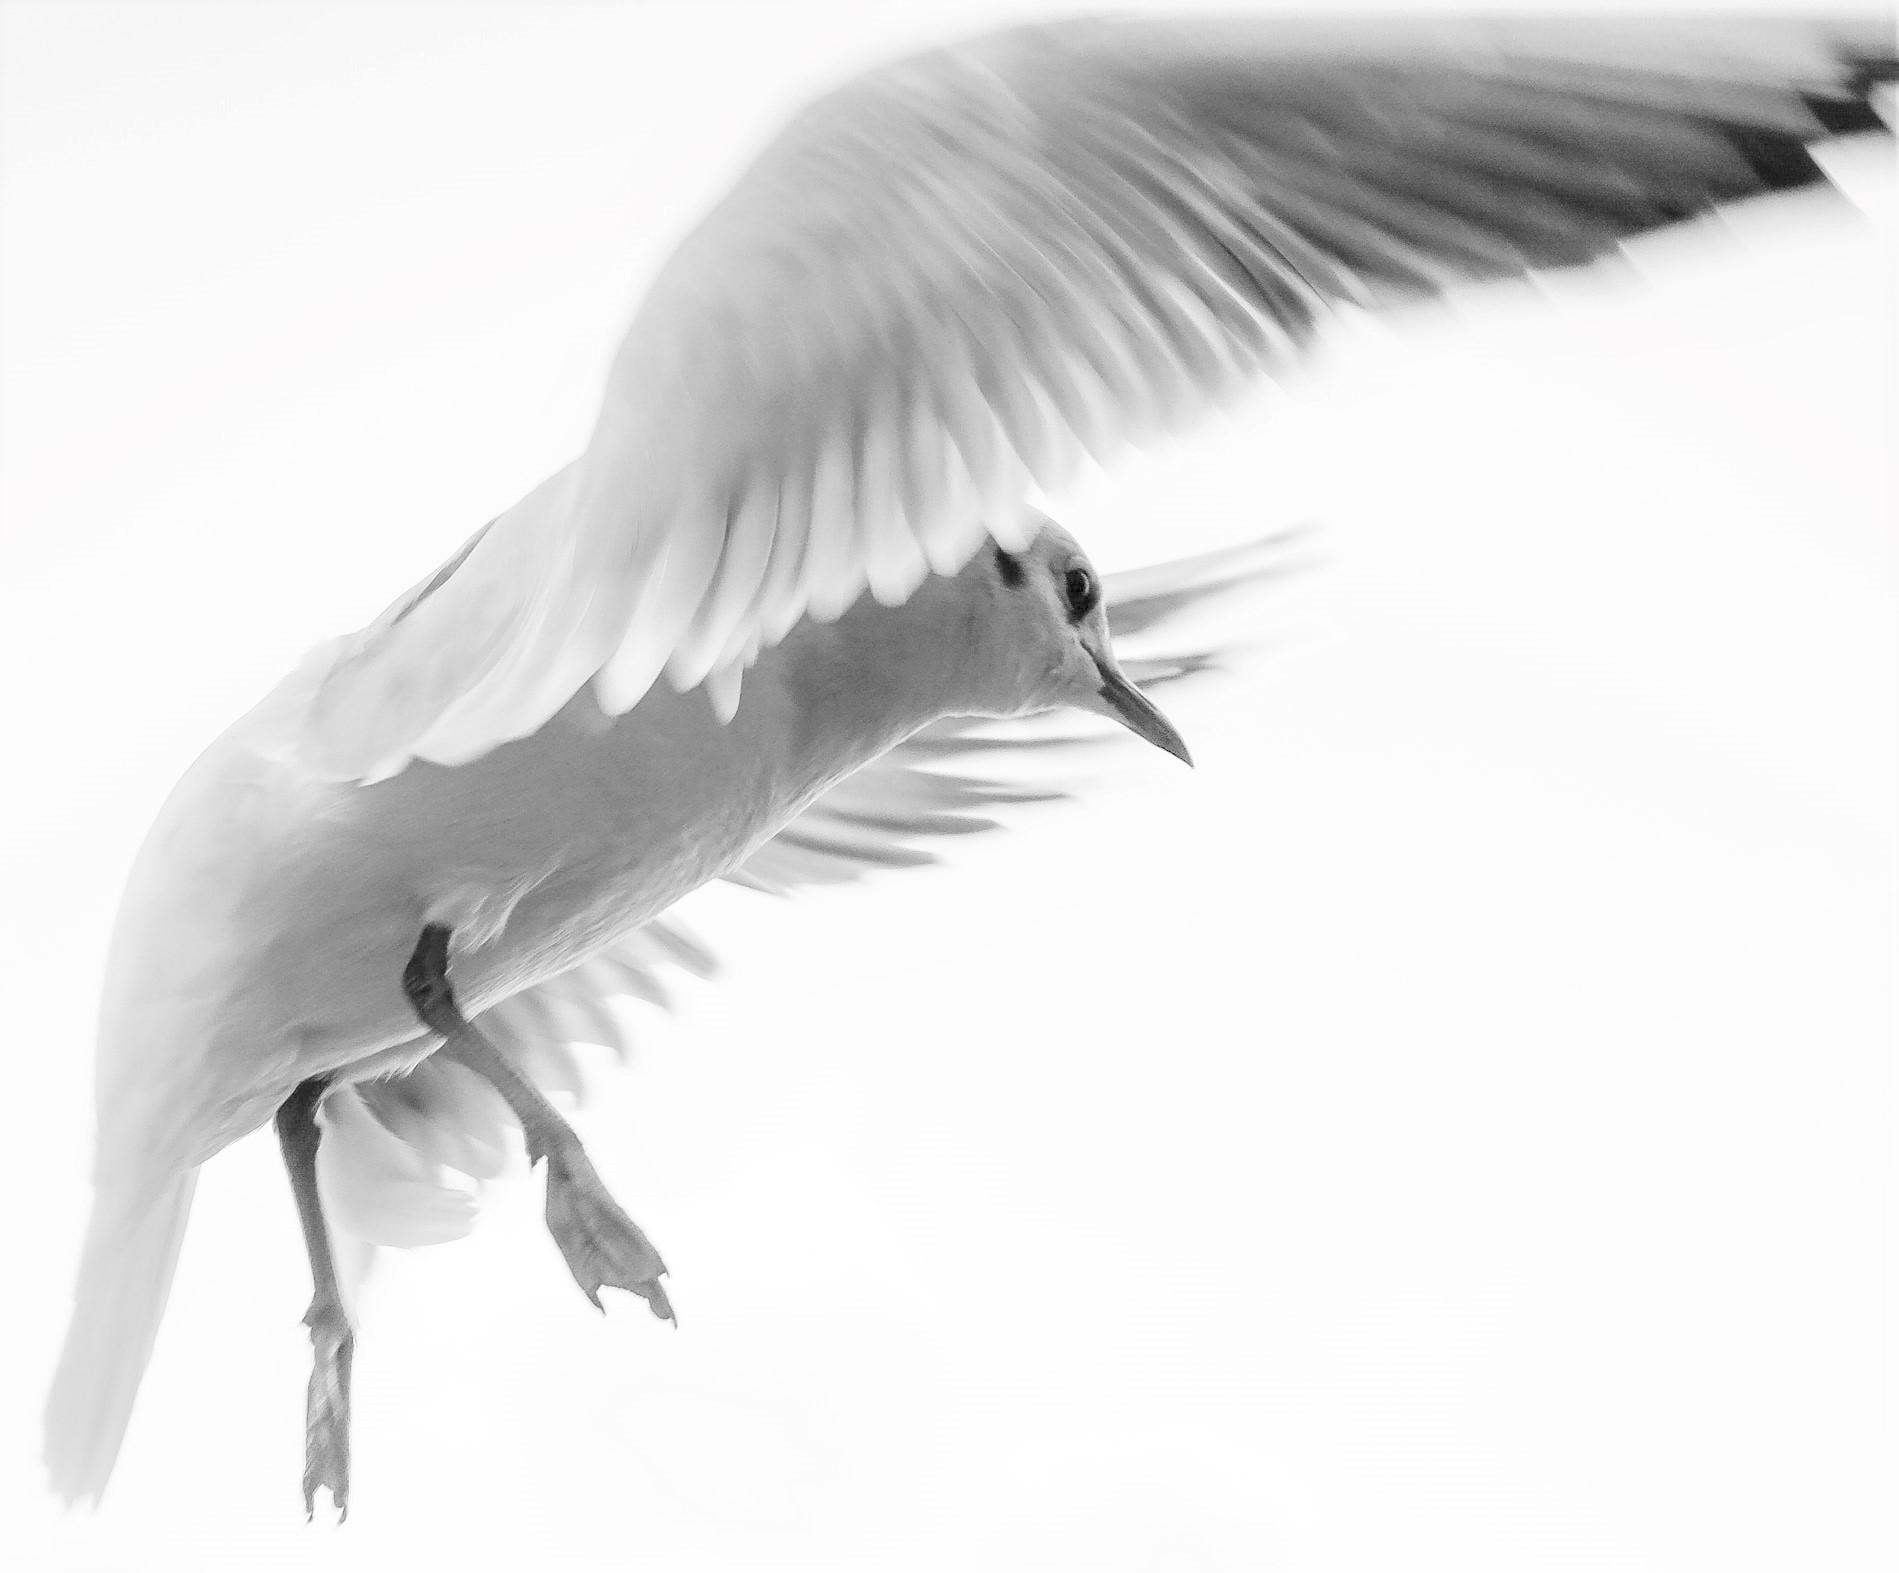 Vogel fliegt